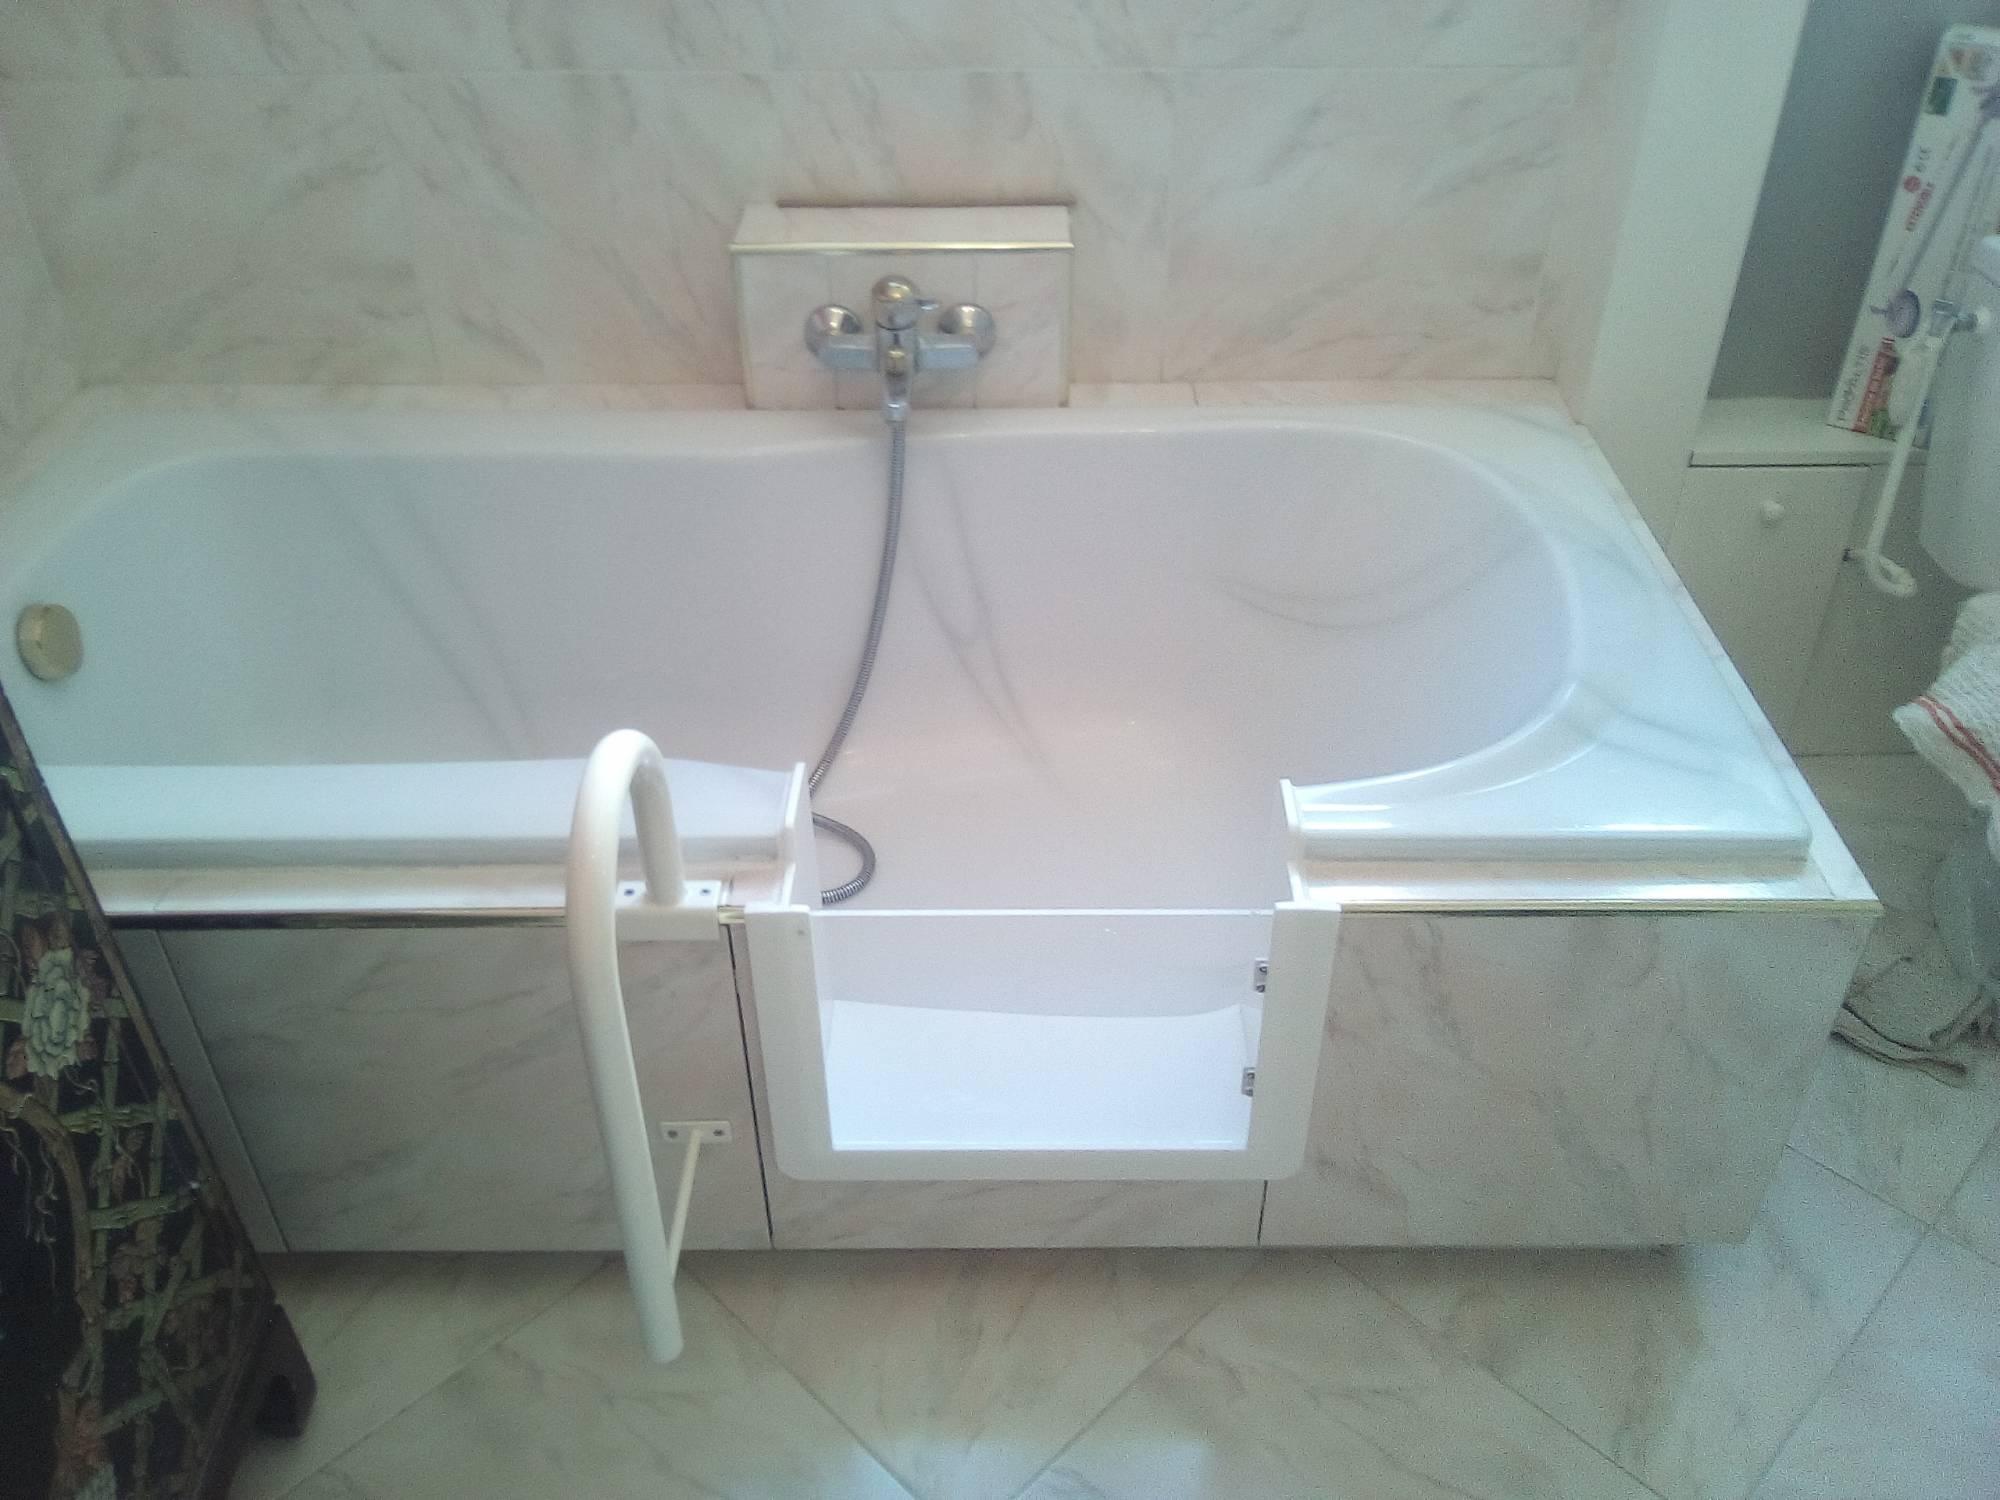 Découpe de baignoire à Valence 20 en Drôme - Renovbain